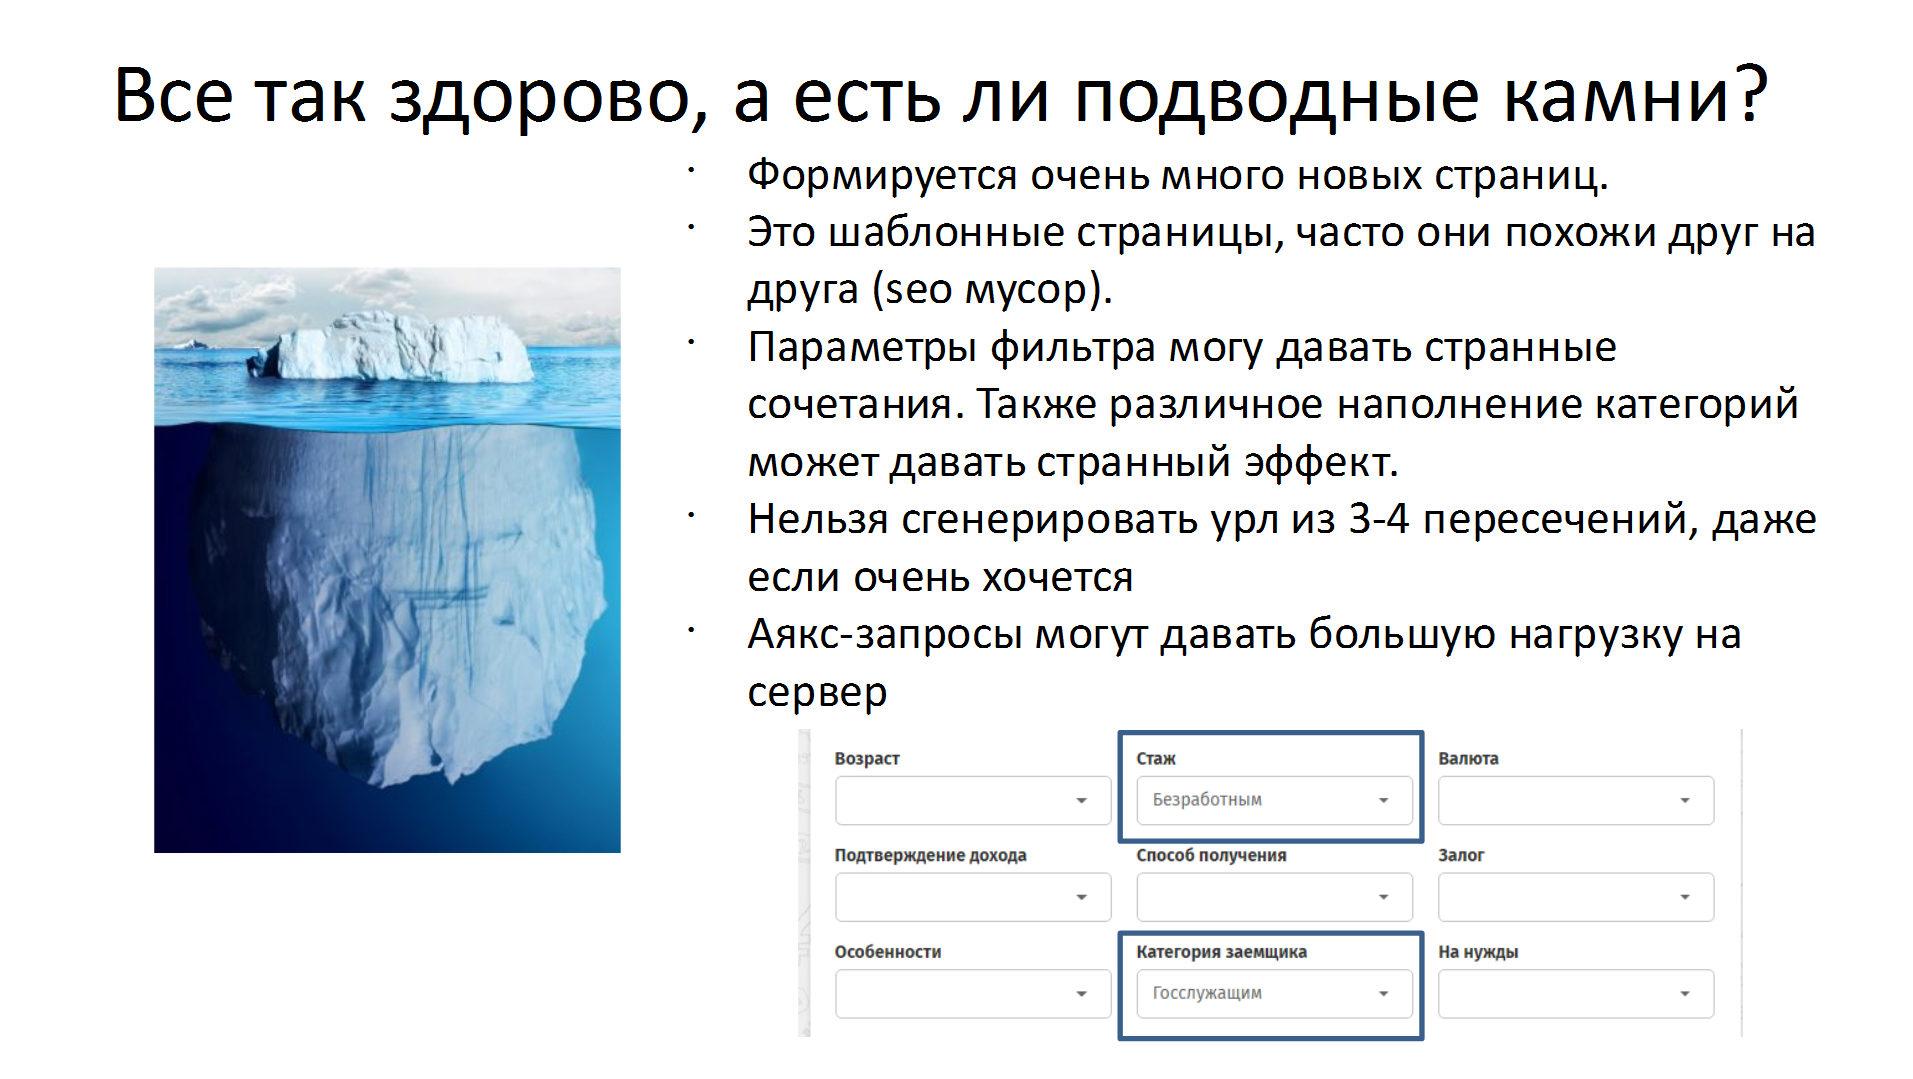 WP Moscow 9 - Катя Леурдо - Как мы делали умный фильтр - 08